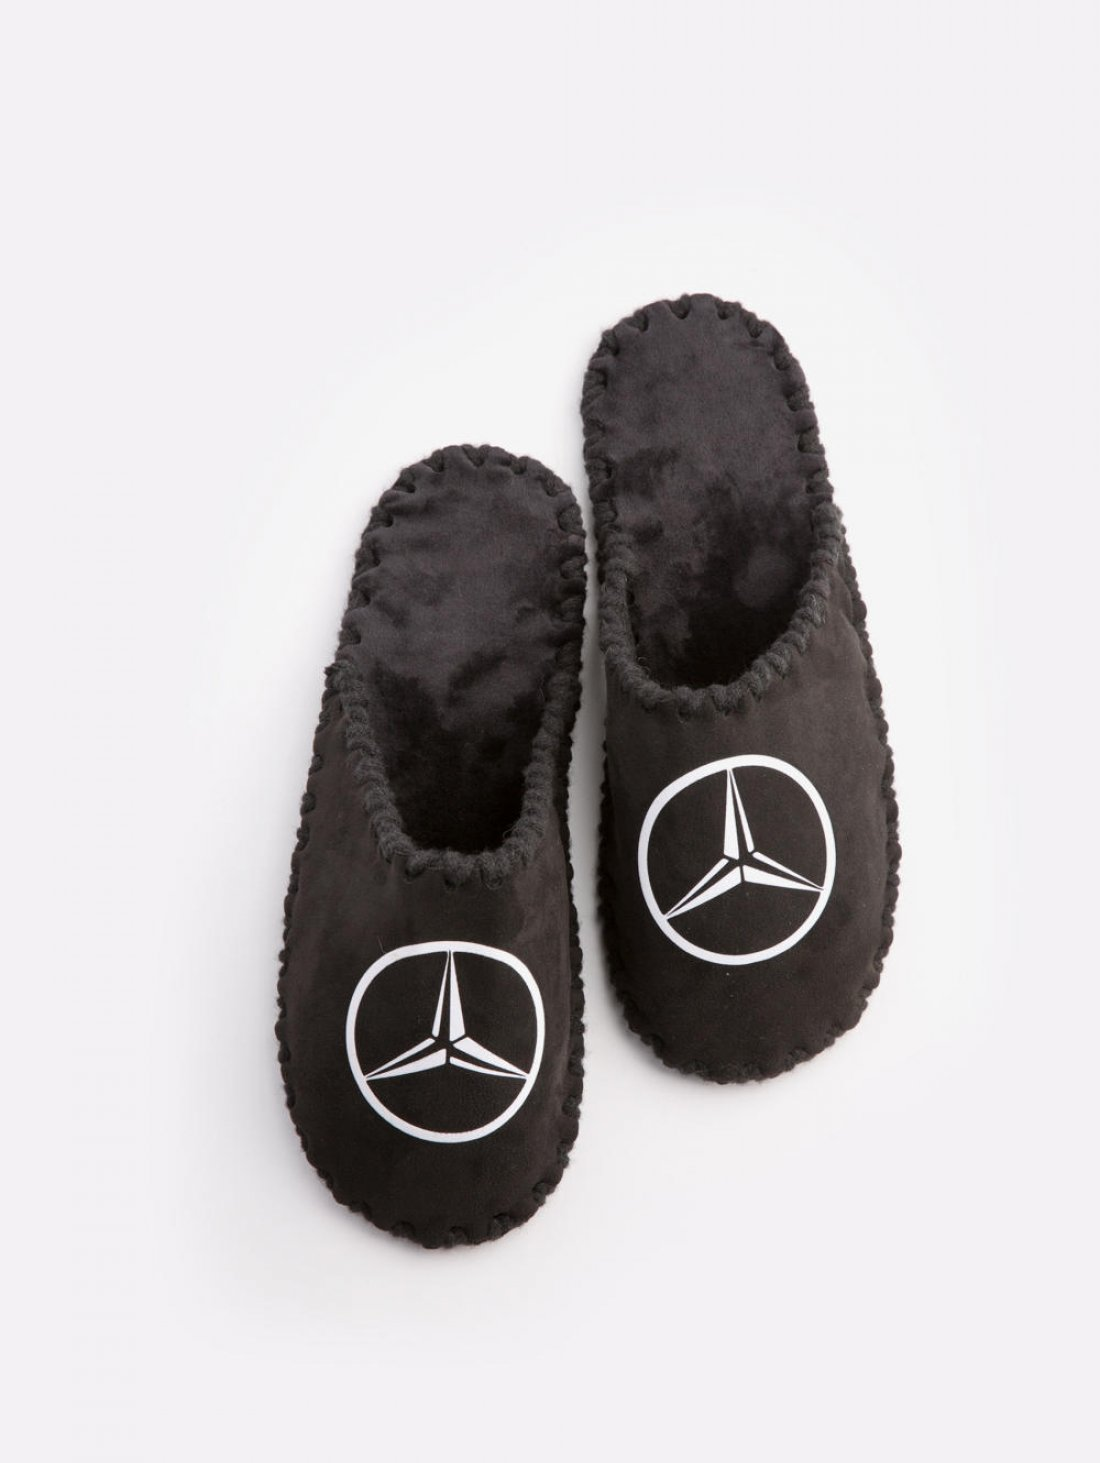 Мужские домашние тапочки Mercedes черные закрытые, Family Story - 2